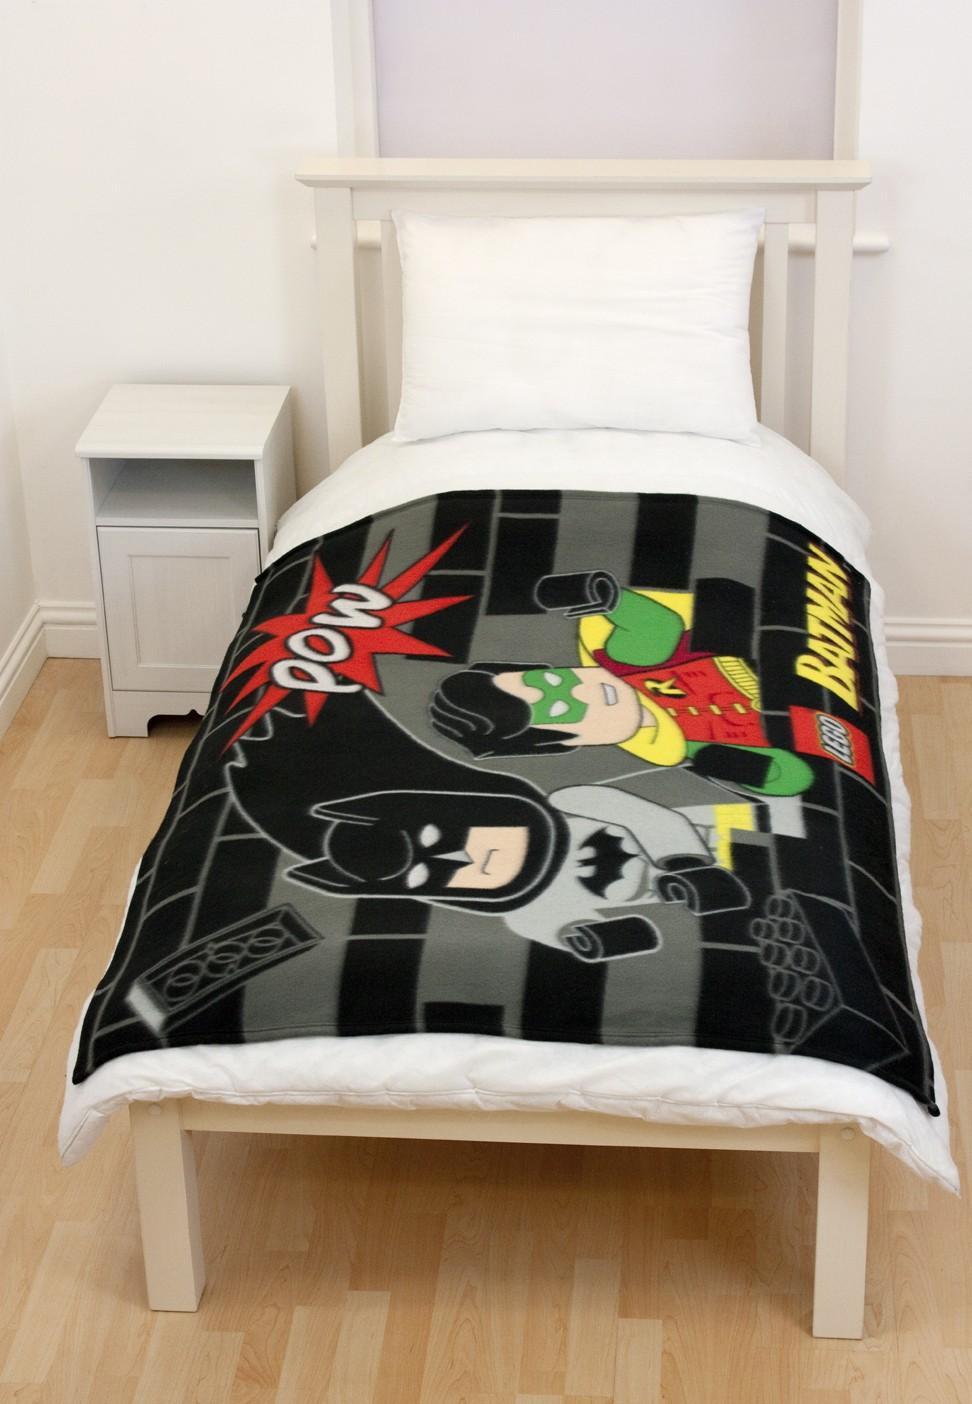 Lego Batman Fleece Throw Blanket image ef1eead37